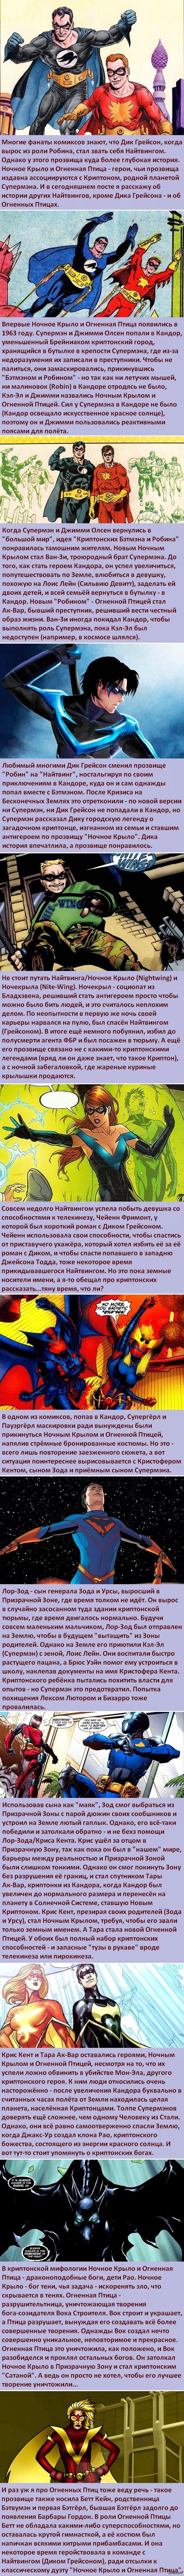 Факты о супергероях: Ночное Крыло и Огненная Птица Свет и тьма, Бэтмэн и Робин, Чук и Гек.